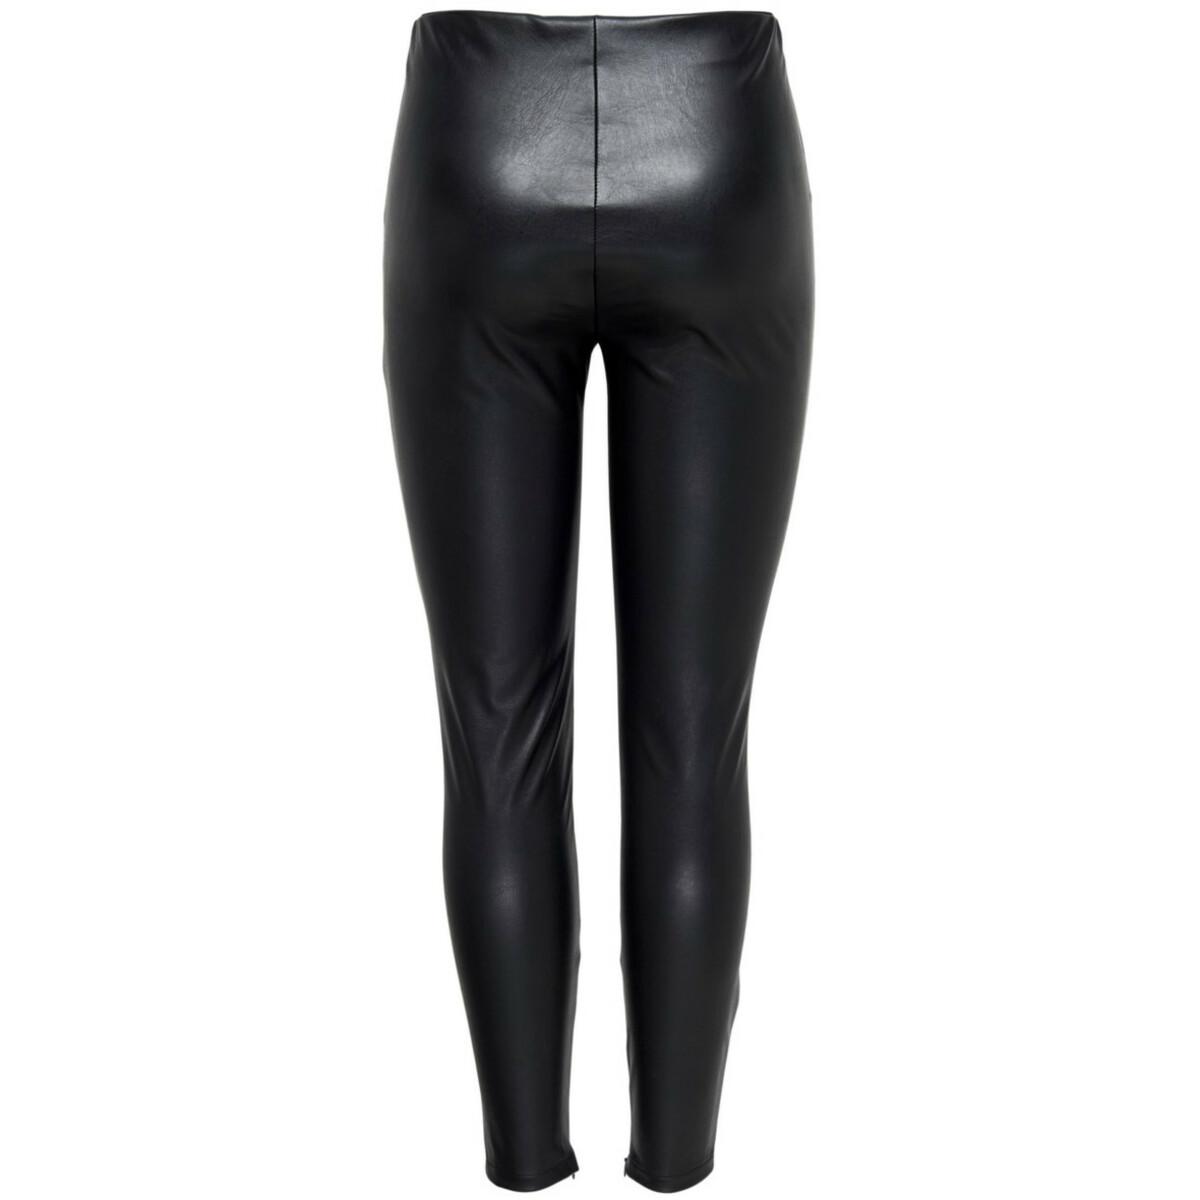 Bild 2 von Damen Only Fake Lederhose in schmaler Form